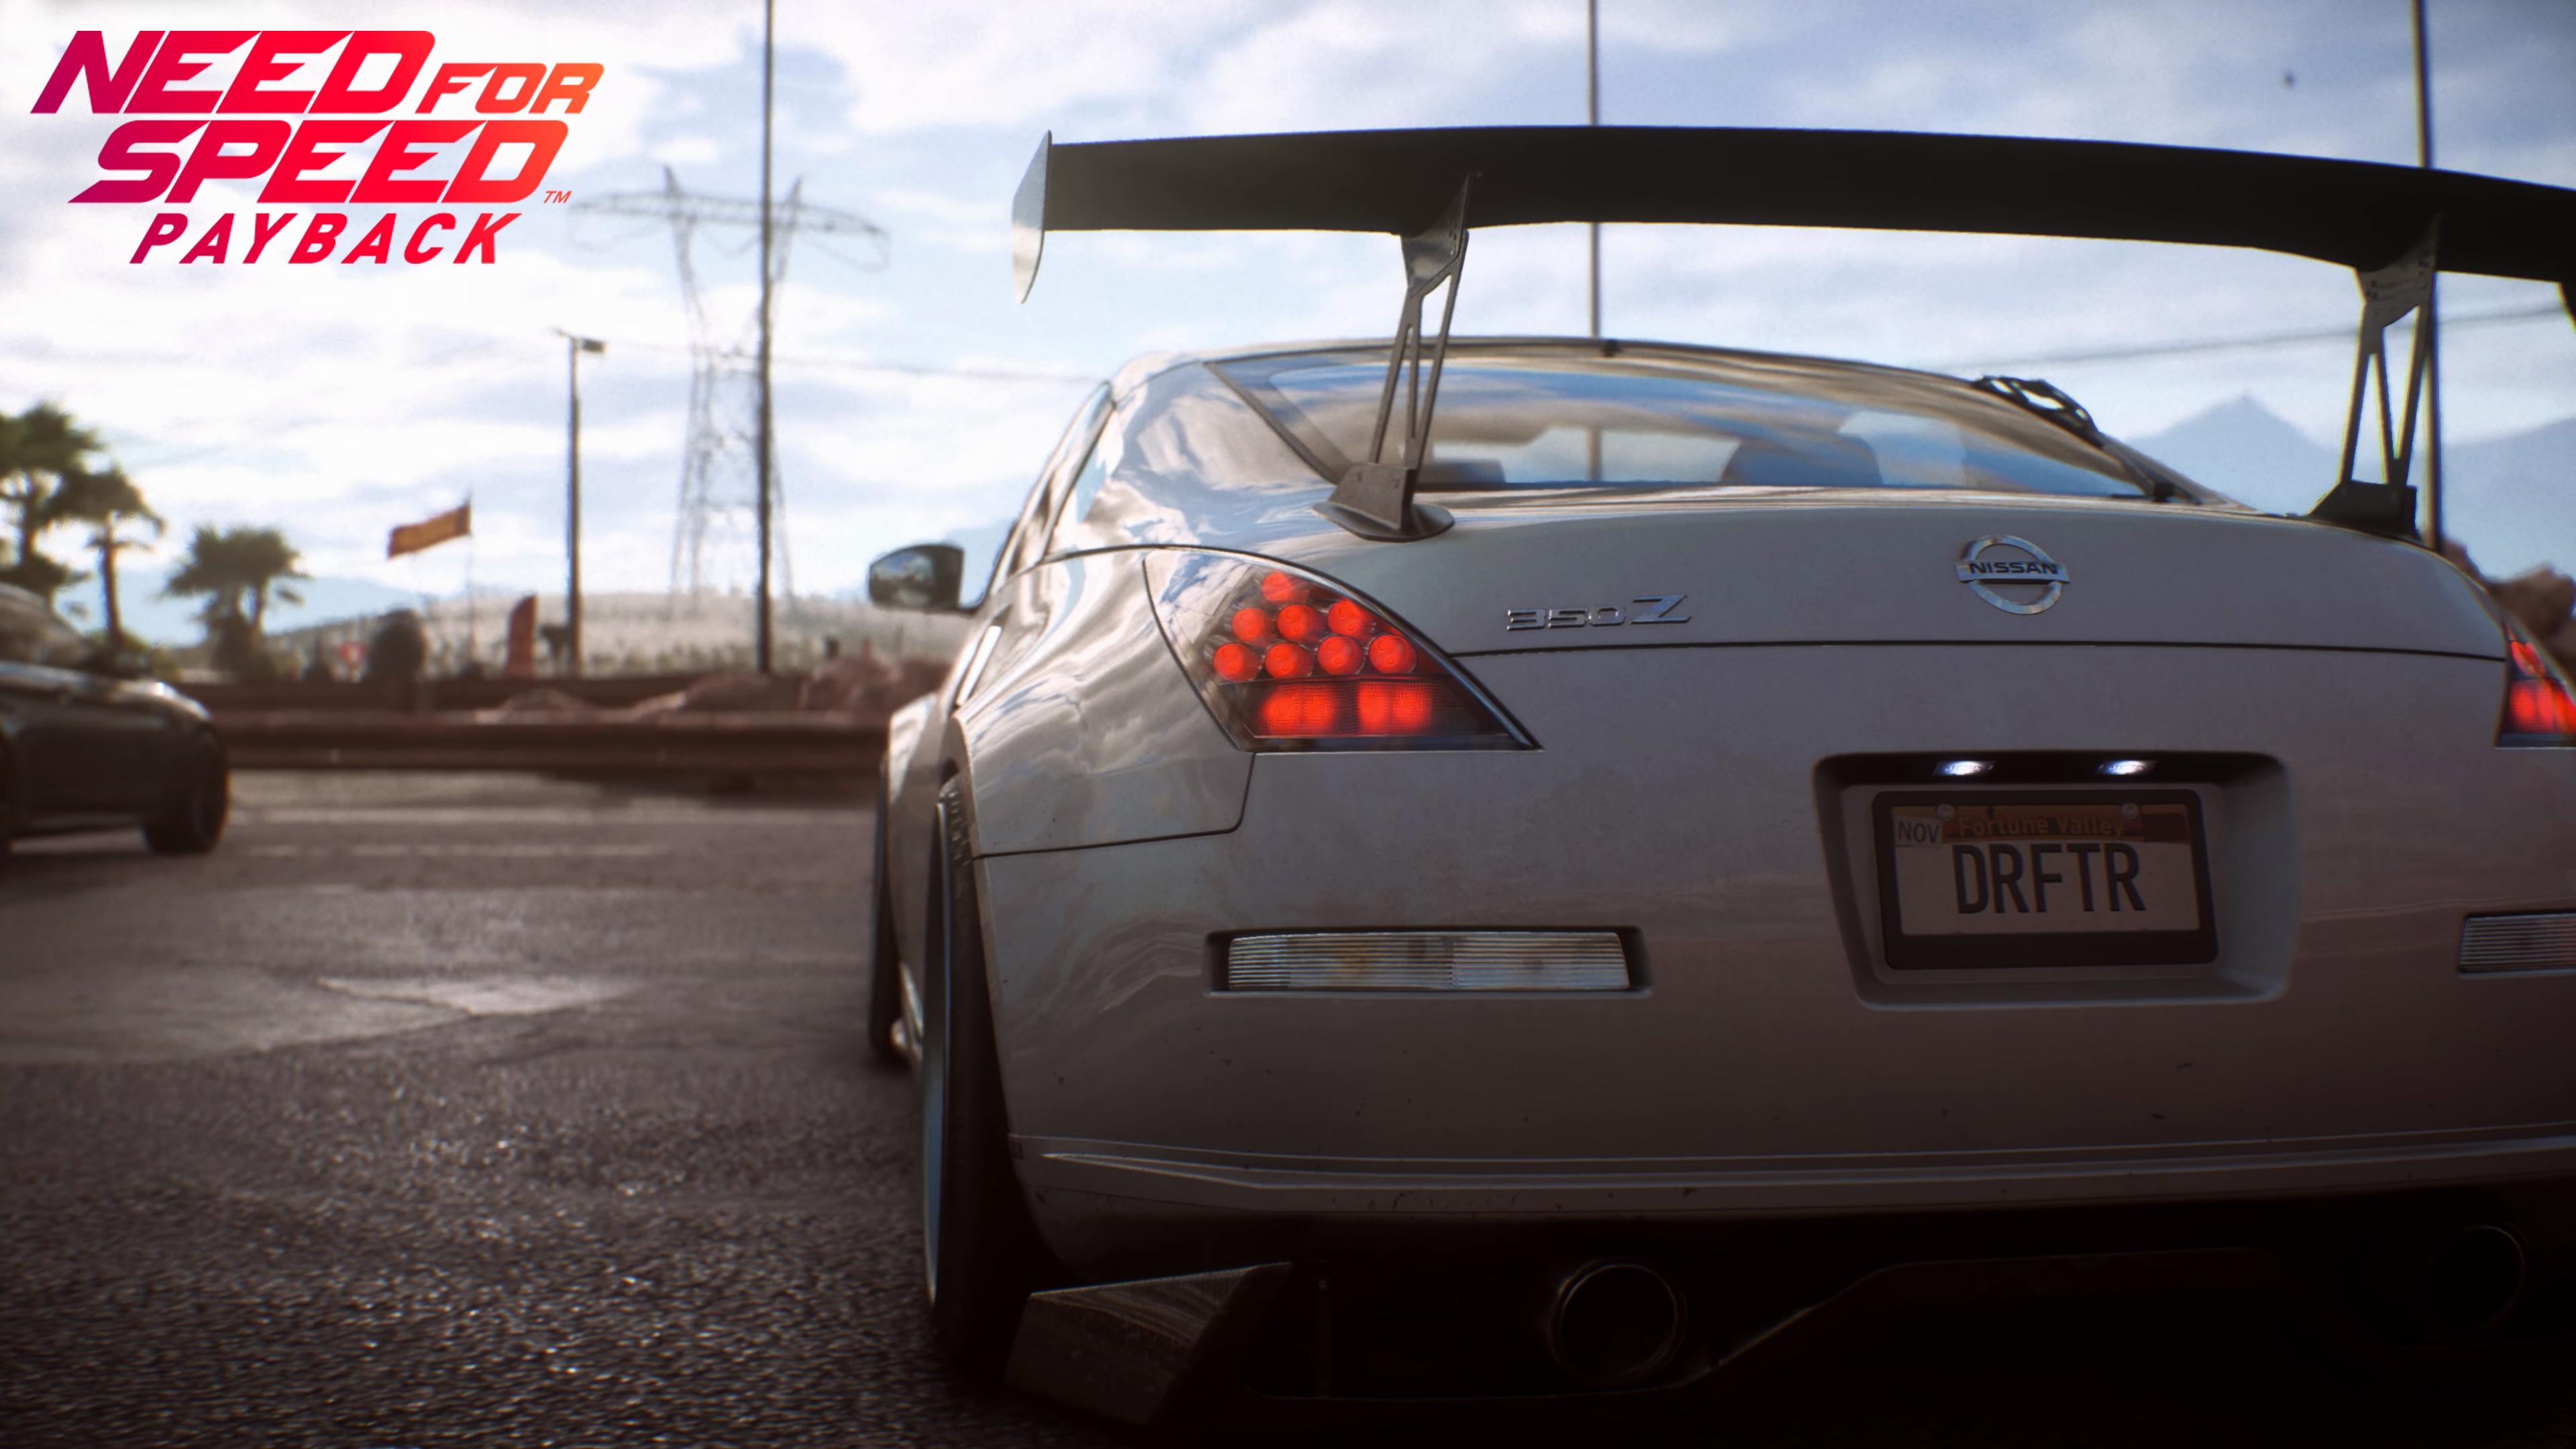 Need for Speed Payback: Автомобілі, Nissan, Need For Speed, Need for Speed Payback, Nissan 350Z